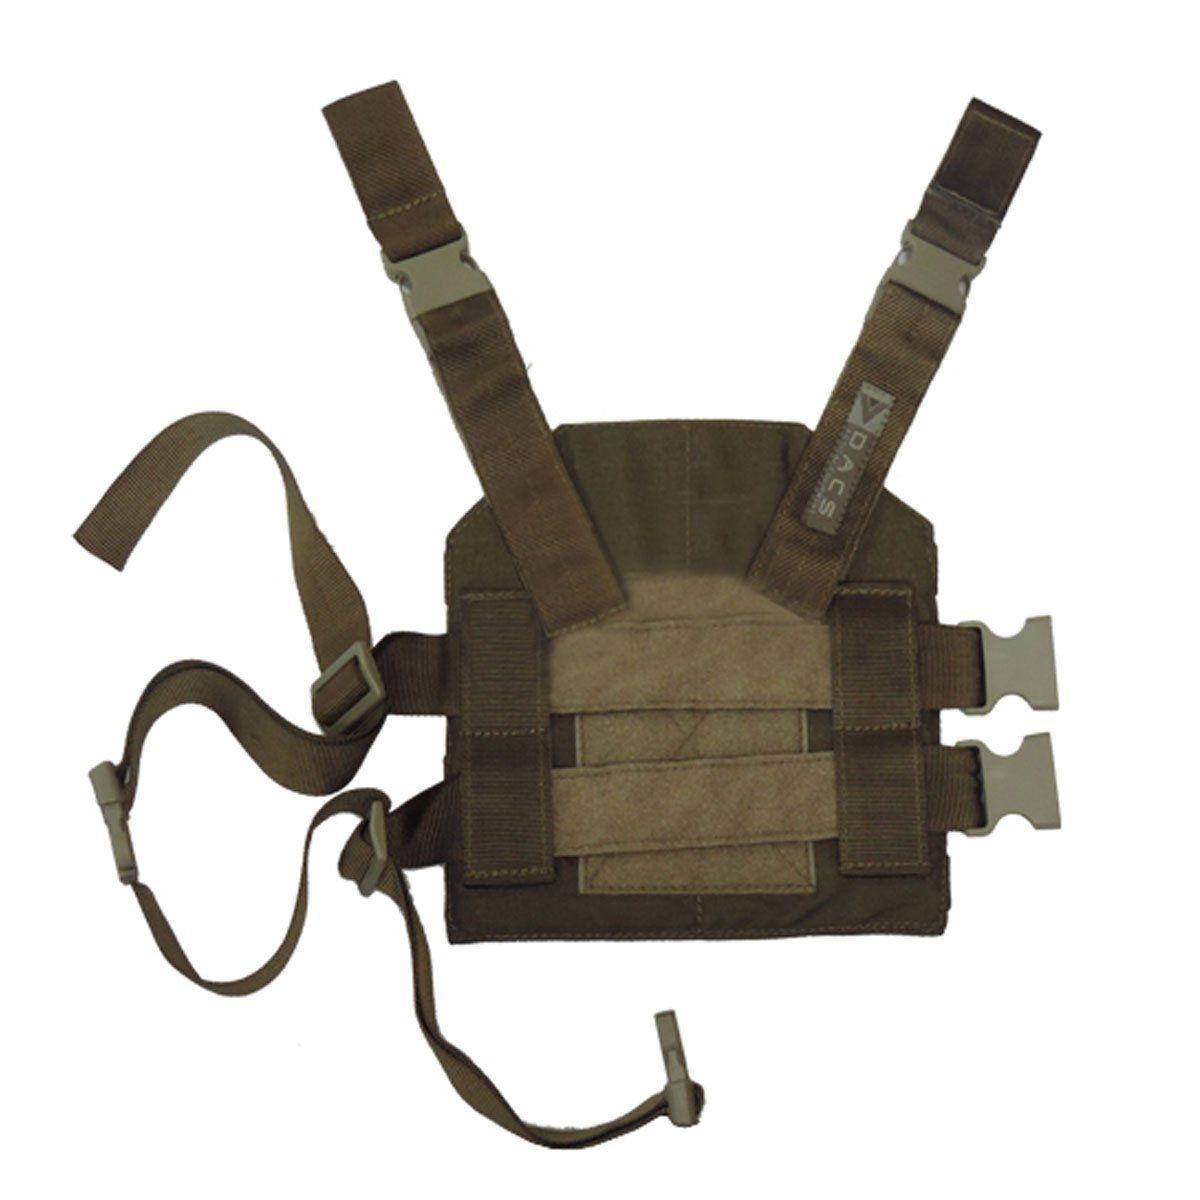 Placa Dacs para Perna Modular